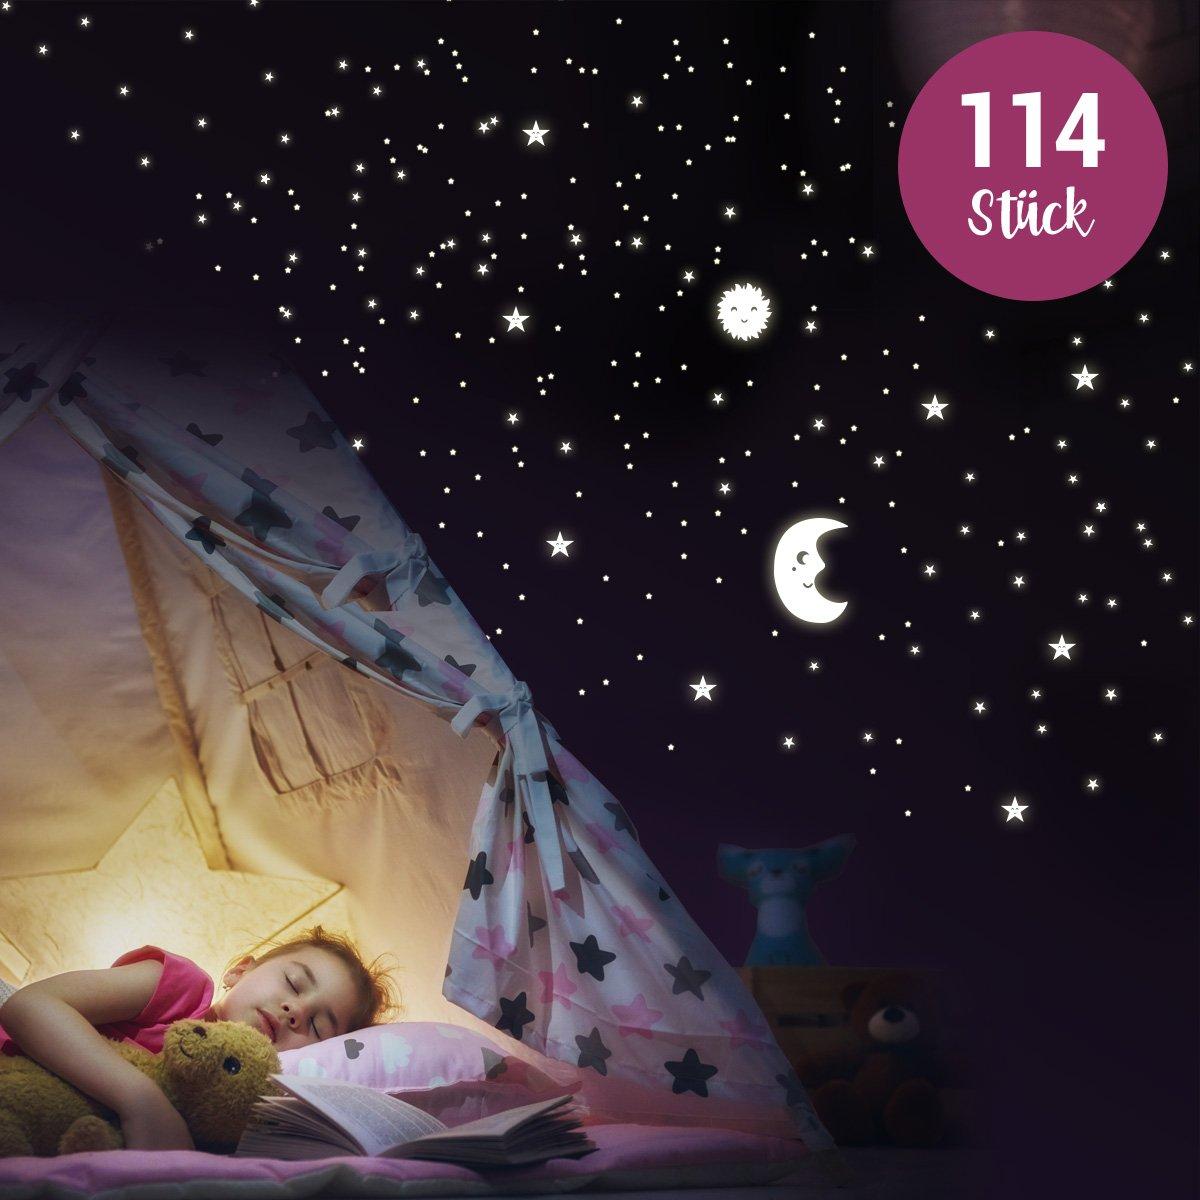 Wandkings - Adhesivos de pared luminosos, fluorescentes y brillantes en la oscuridadSol, luna y estrellas Juego XL 114 adhesivos en 2 hojas A4 Wandkings.de